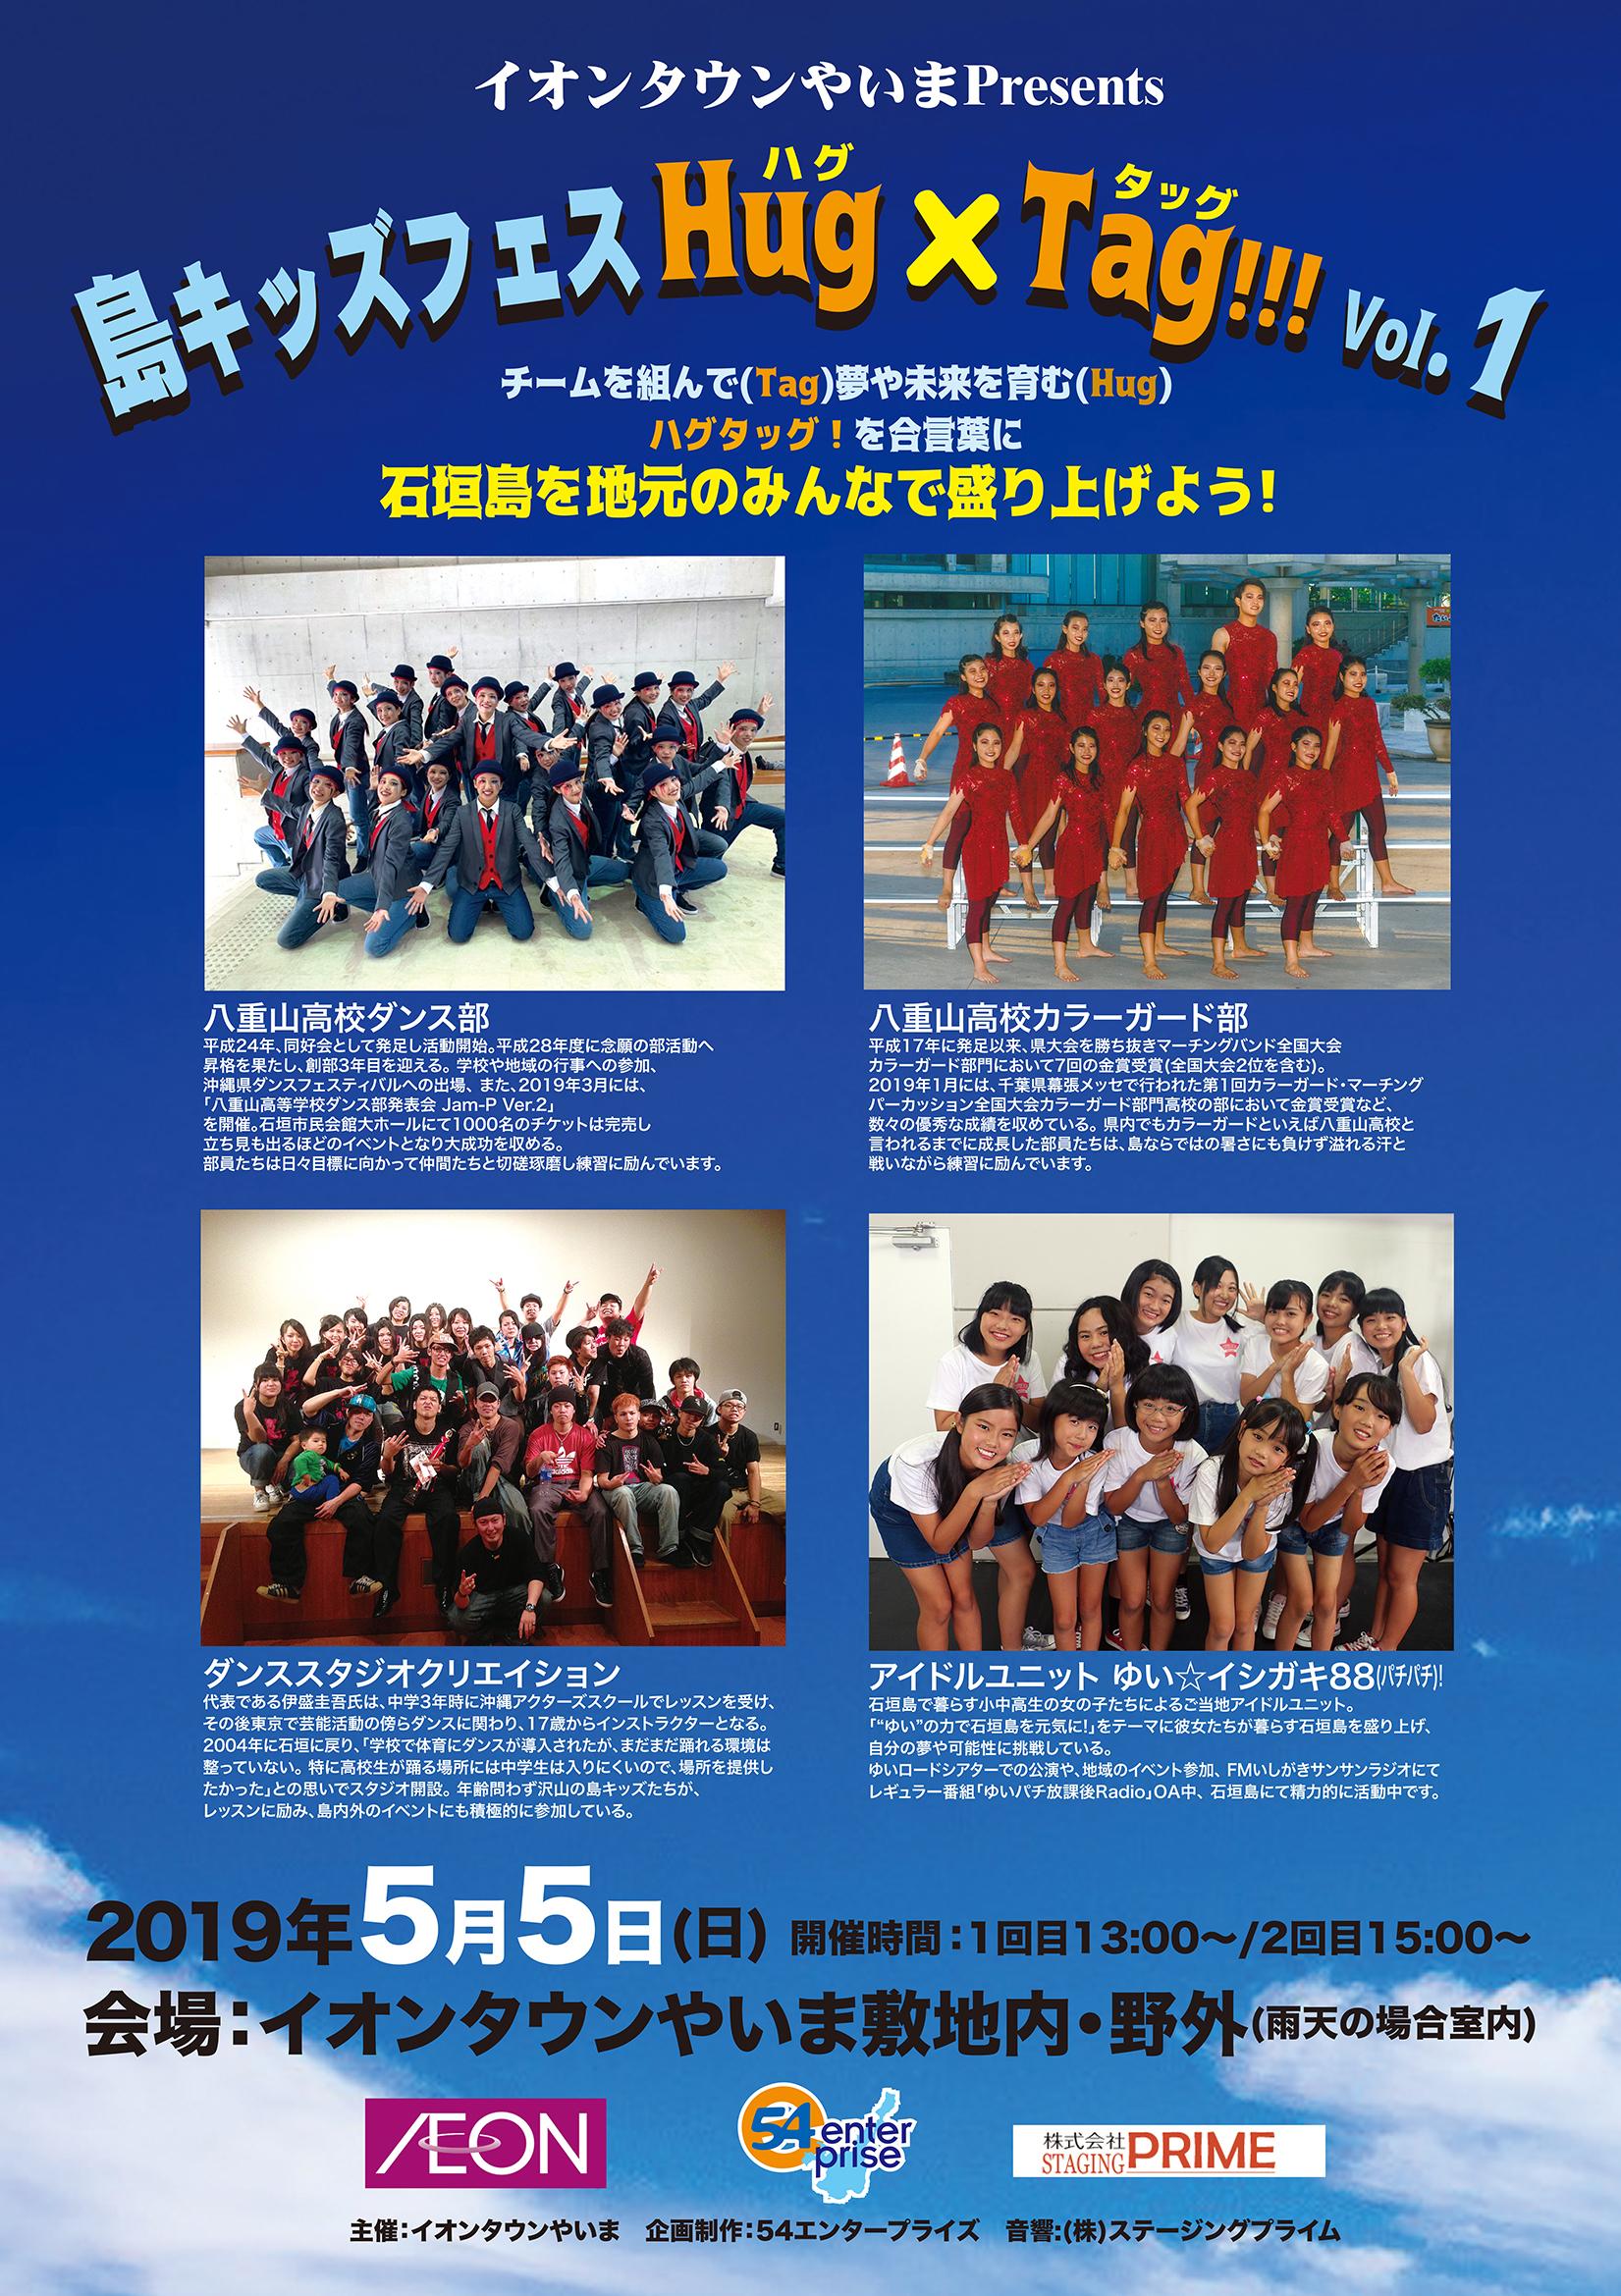 """2019/5/5 イオンタウンやいまPresents島キッズフェス""""Hug✖︎Tag!!!"""""""